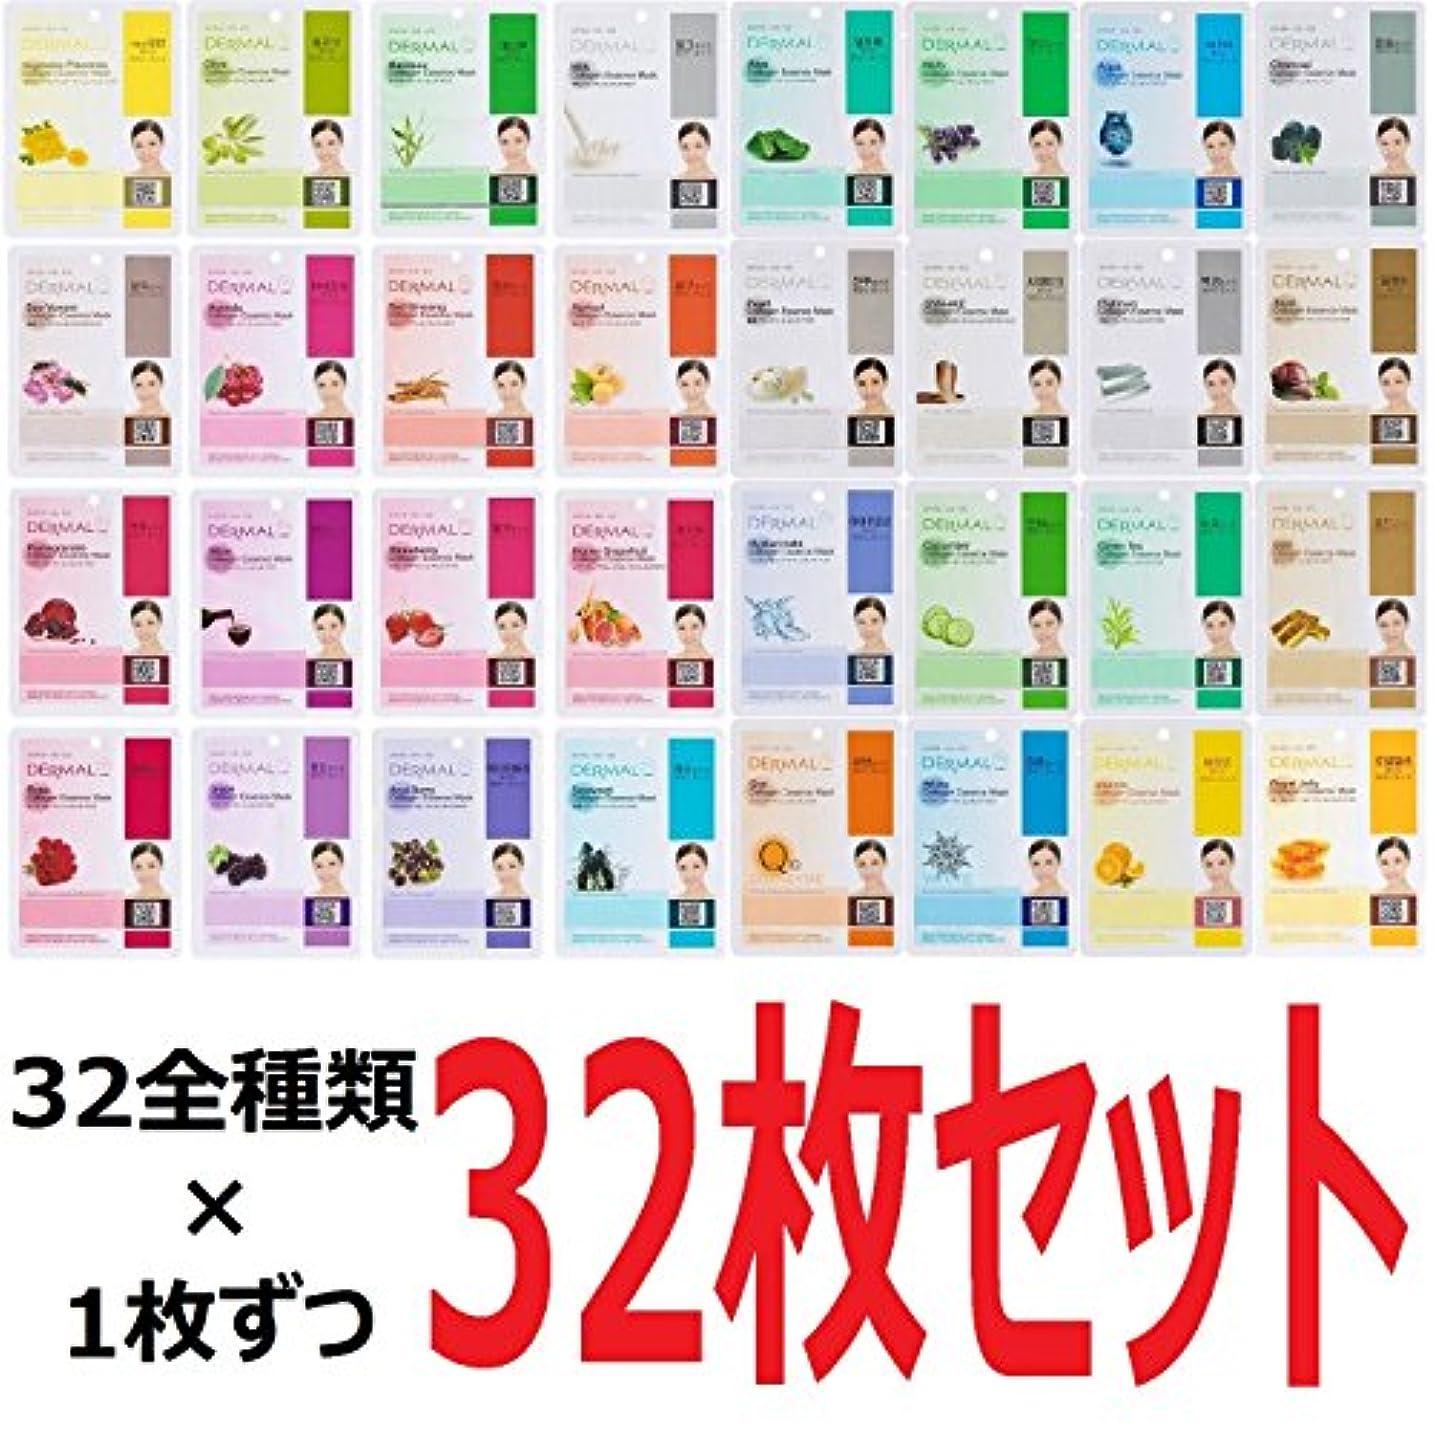 前書きリーガン任意DERMAL(ダーマル) エッセンスマスク 32枚セット(32種全種類)/Essence Mask 32pcs [並行輸入品]